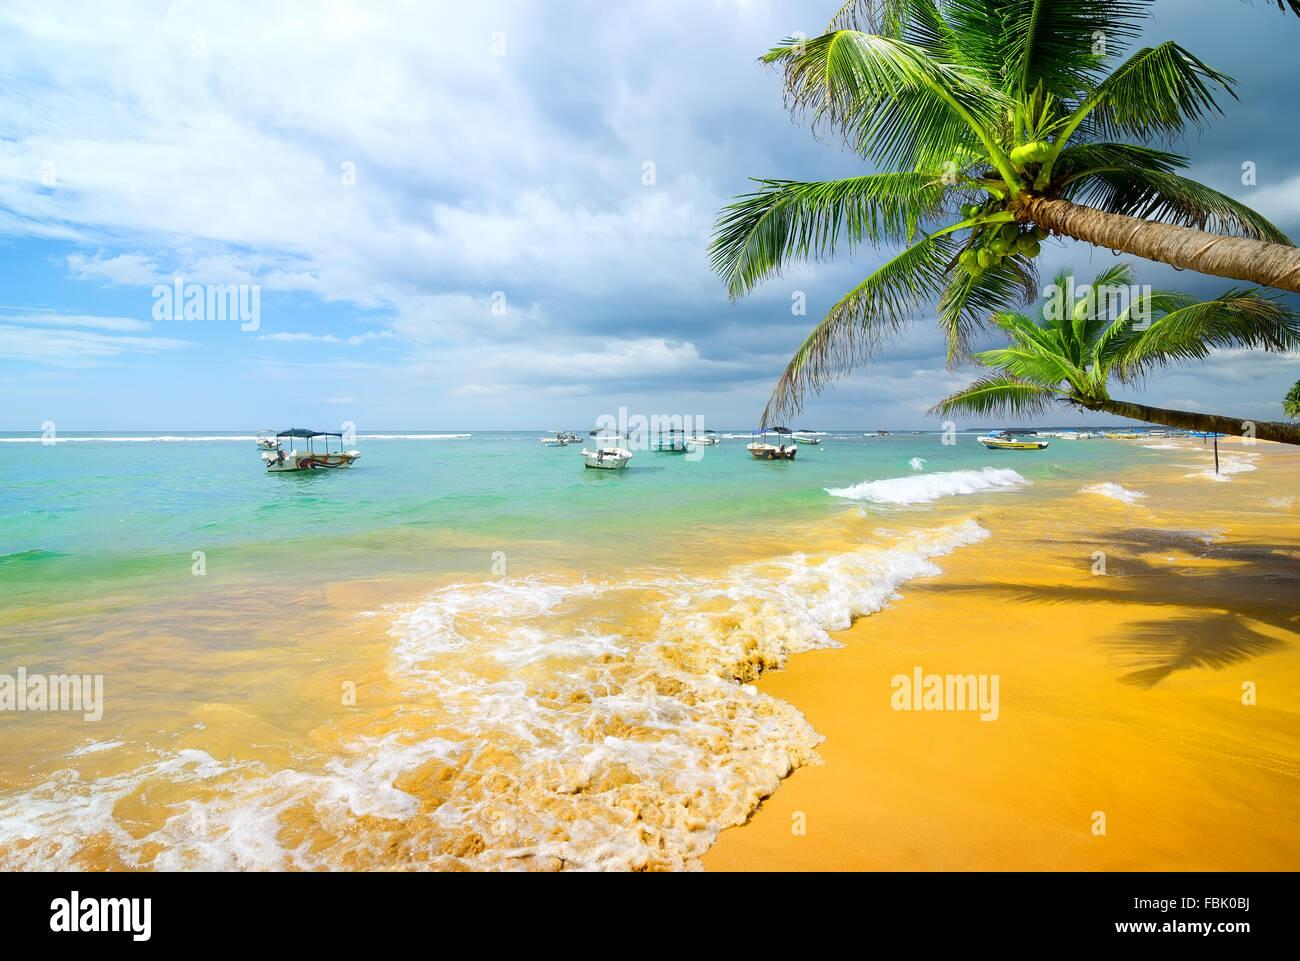 Boote in den Ozean in der Nähe von sandigen Strand und Palmen Bäume Stockbild